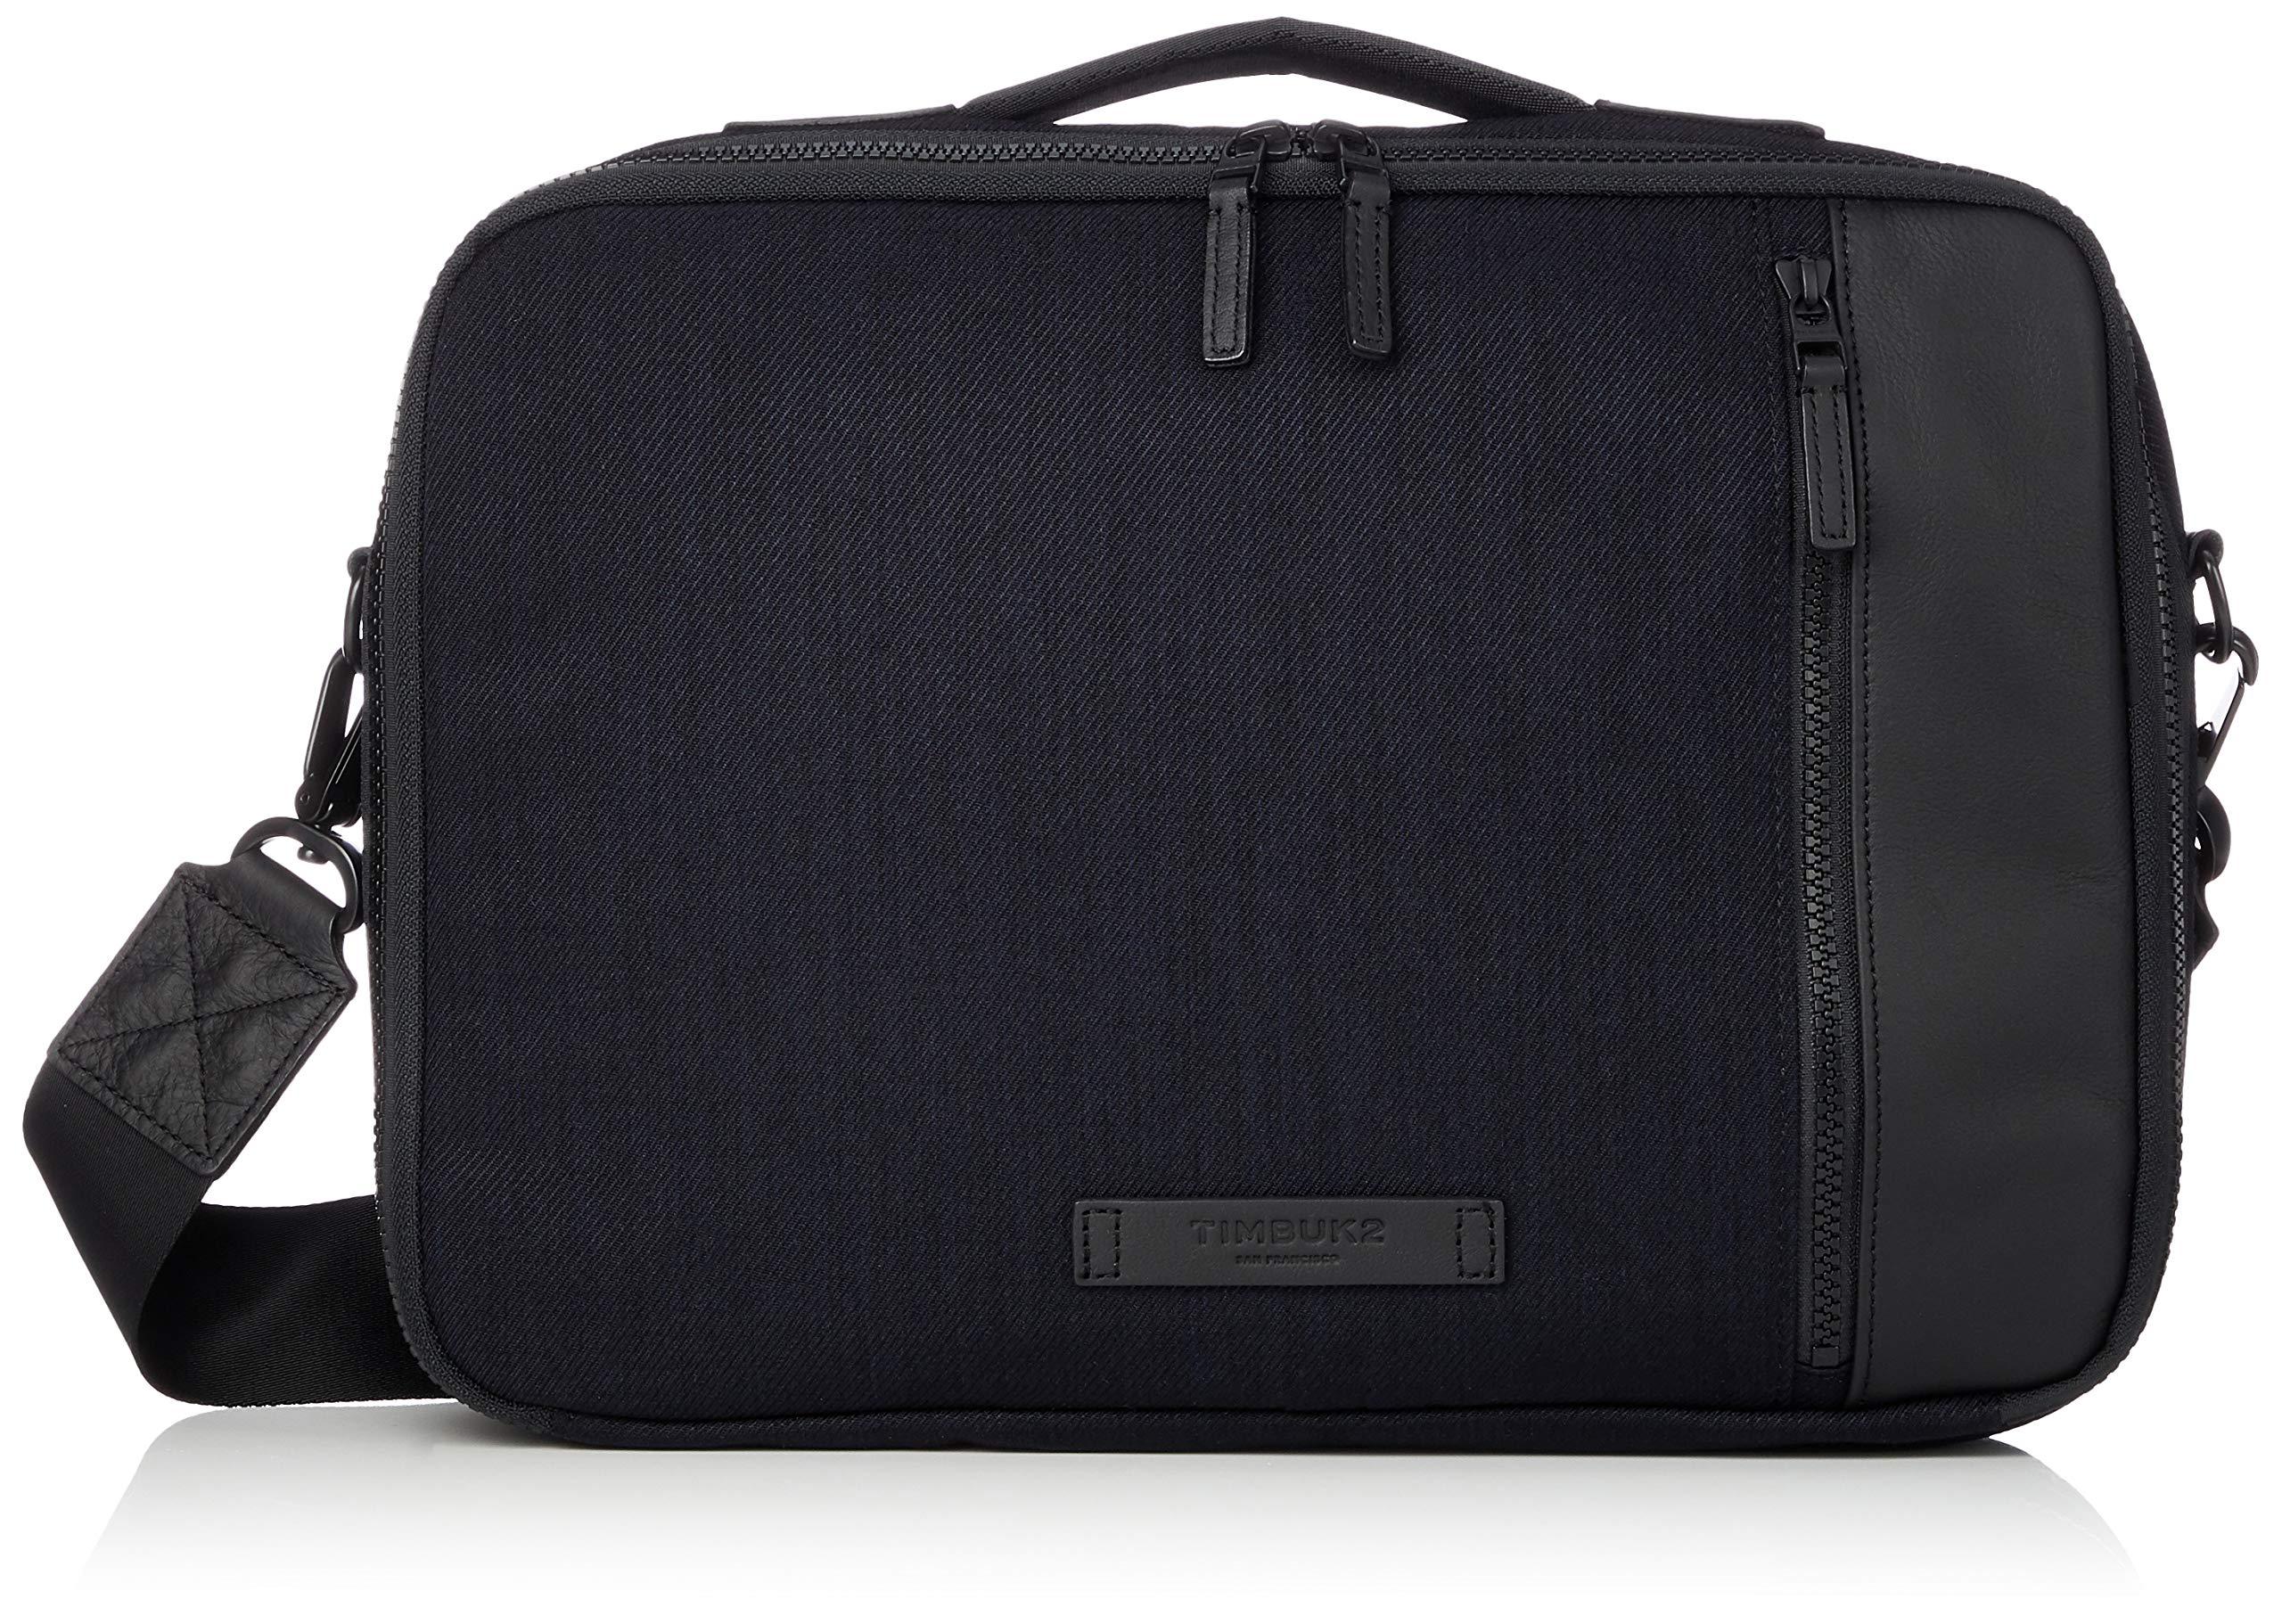 Timbuk2 3425-3-8231 Switch Laptop Travel Case, One Size by Timbuk2